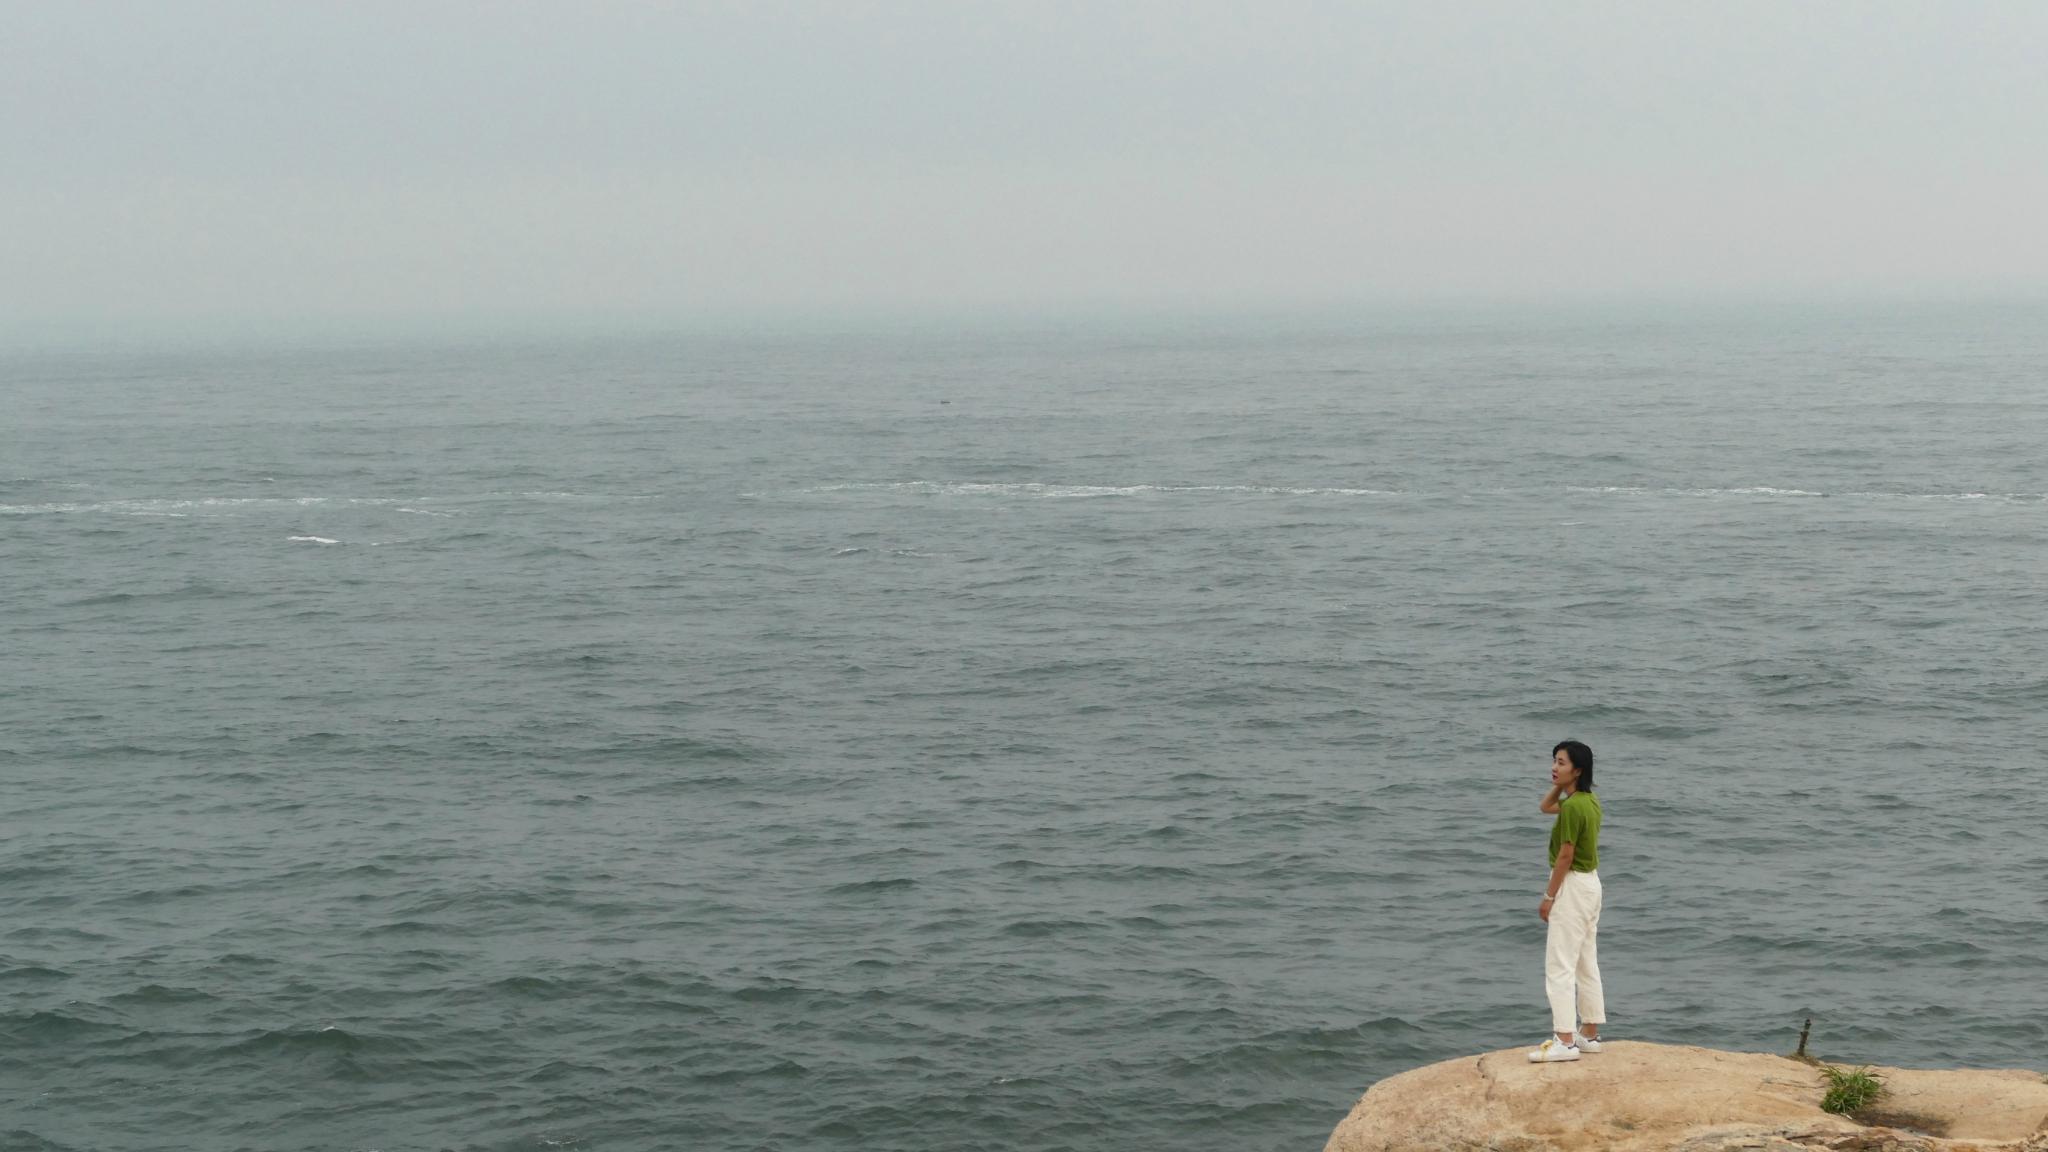 东极之东|带你走进迷雾中的东极岛